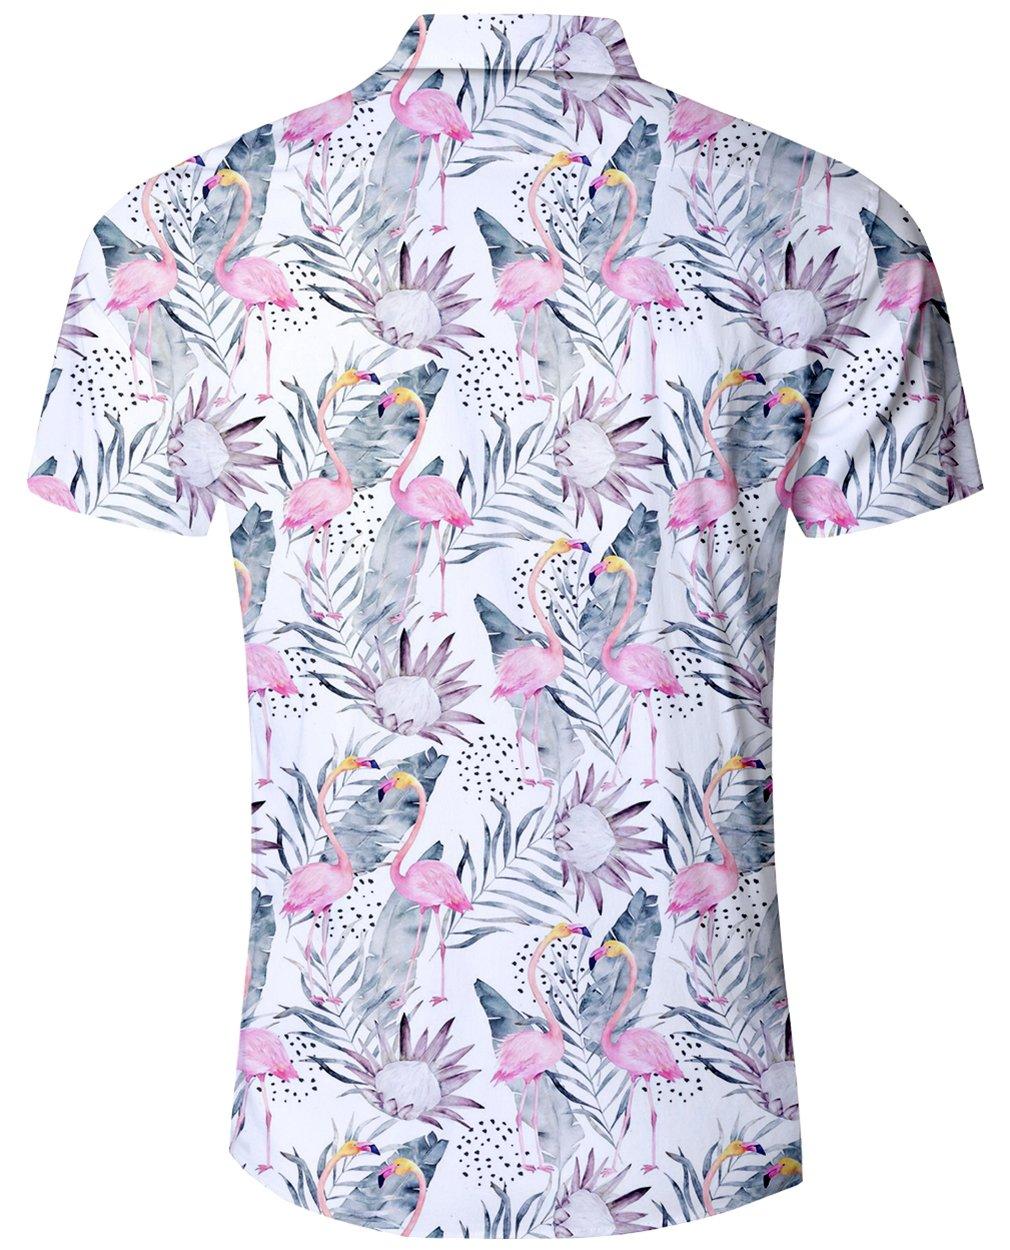 Goodstoworld Hawaiian Shirt Casual Short Sleeve Hawaiian Aloha Floral Flamingos Shirt